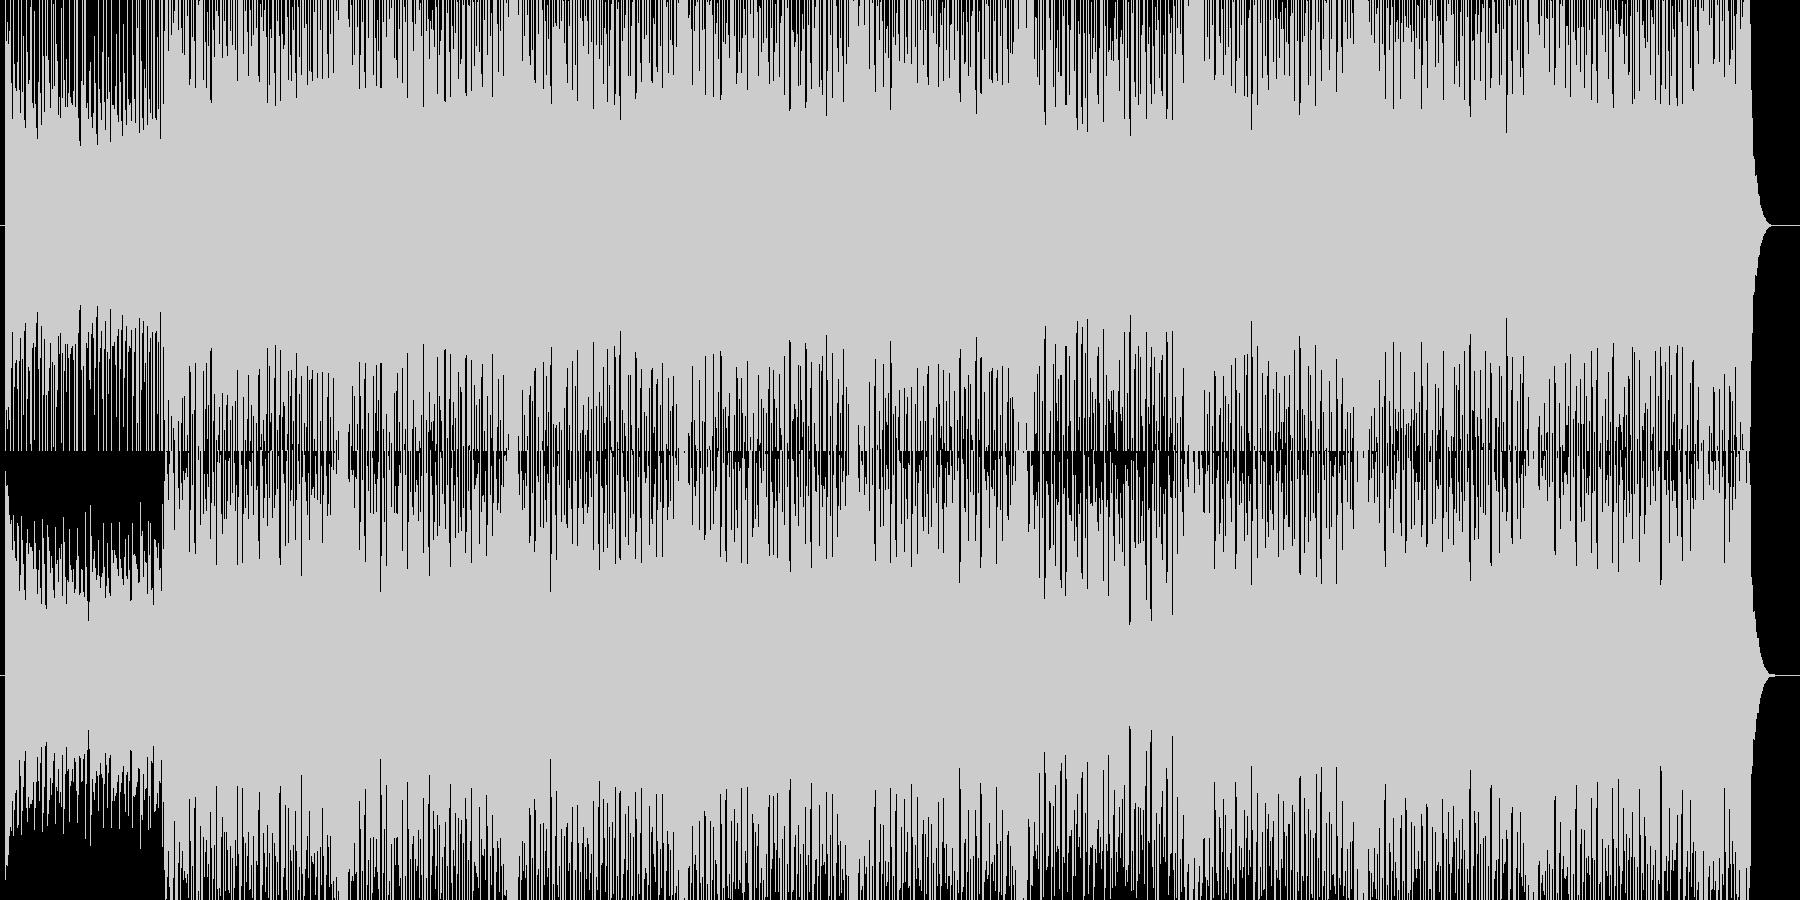 ギターが入ったポッブなBGM(メロ抜き)の未再生の波形